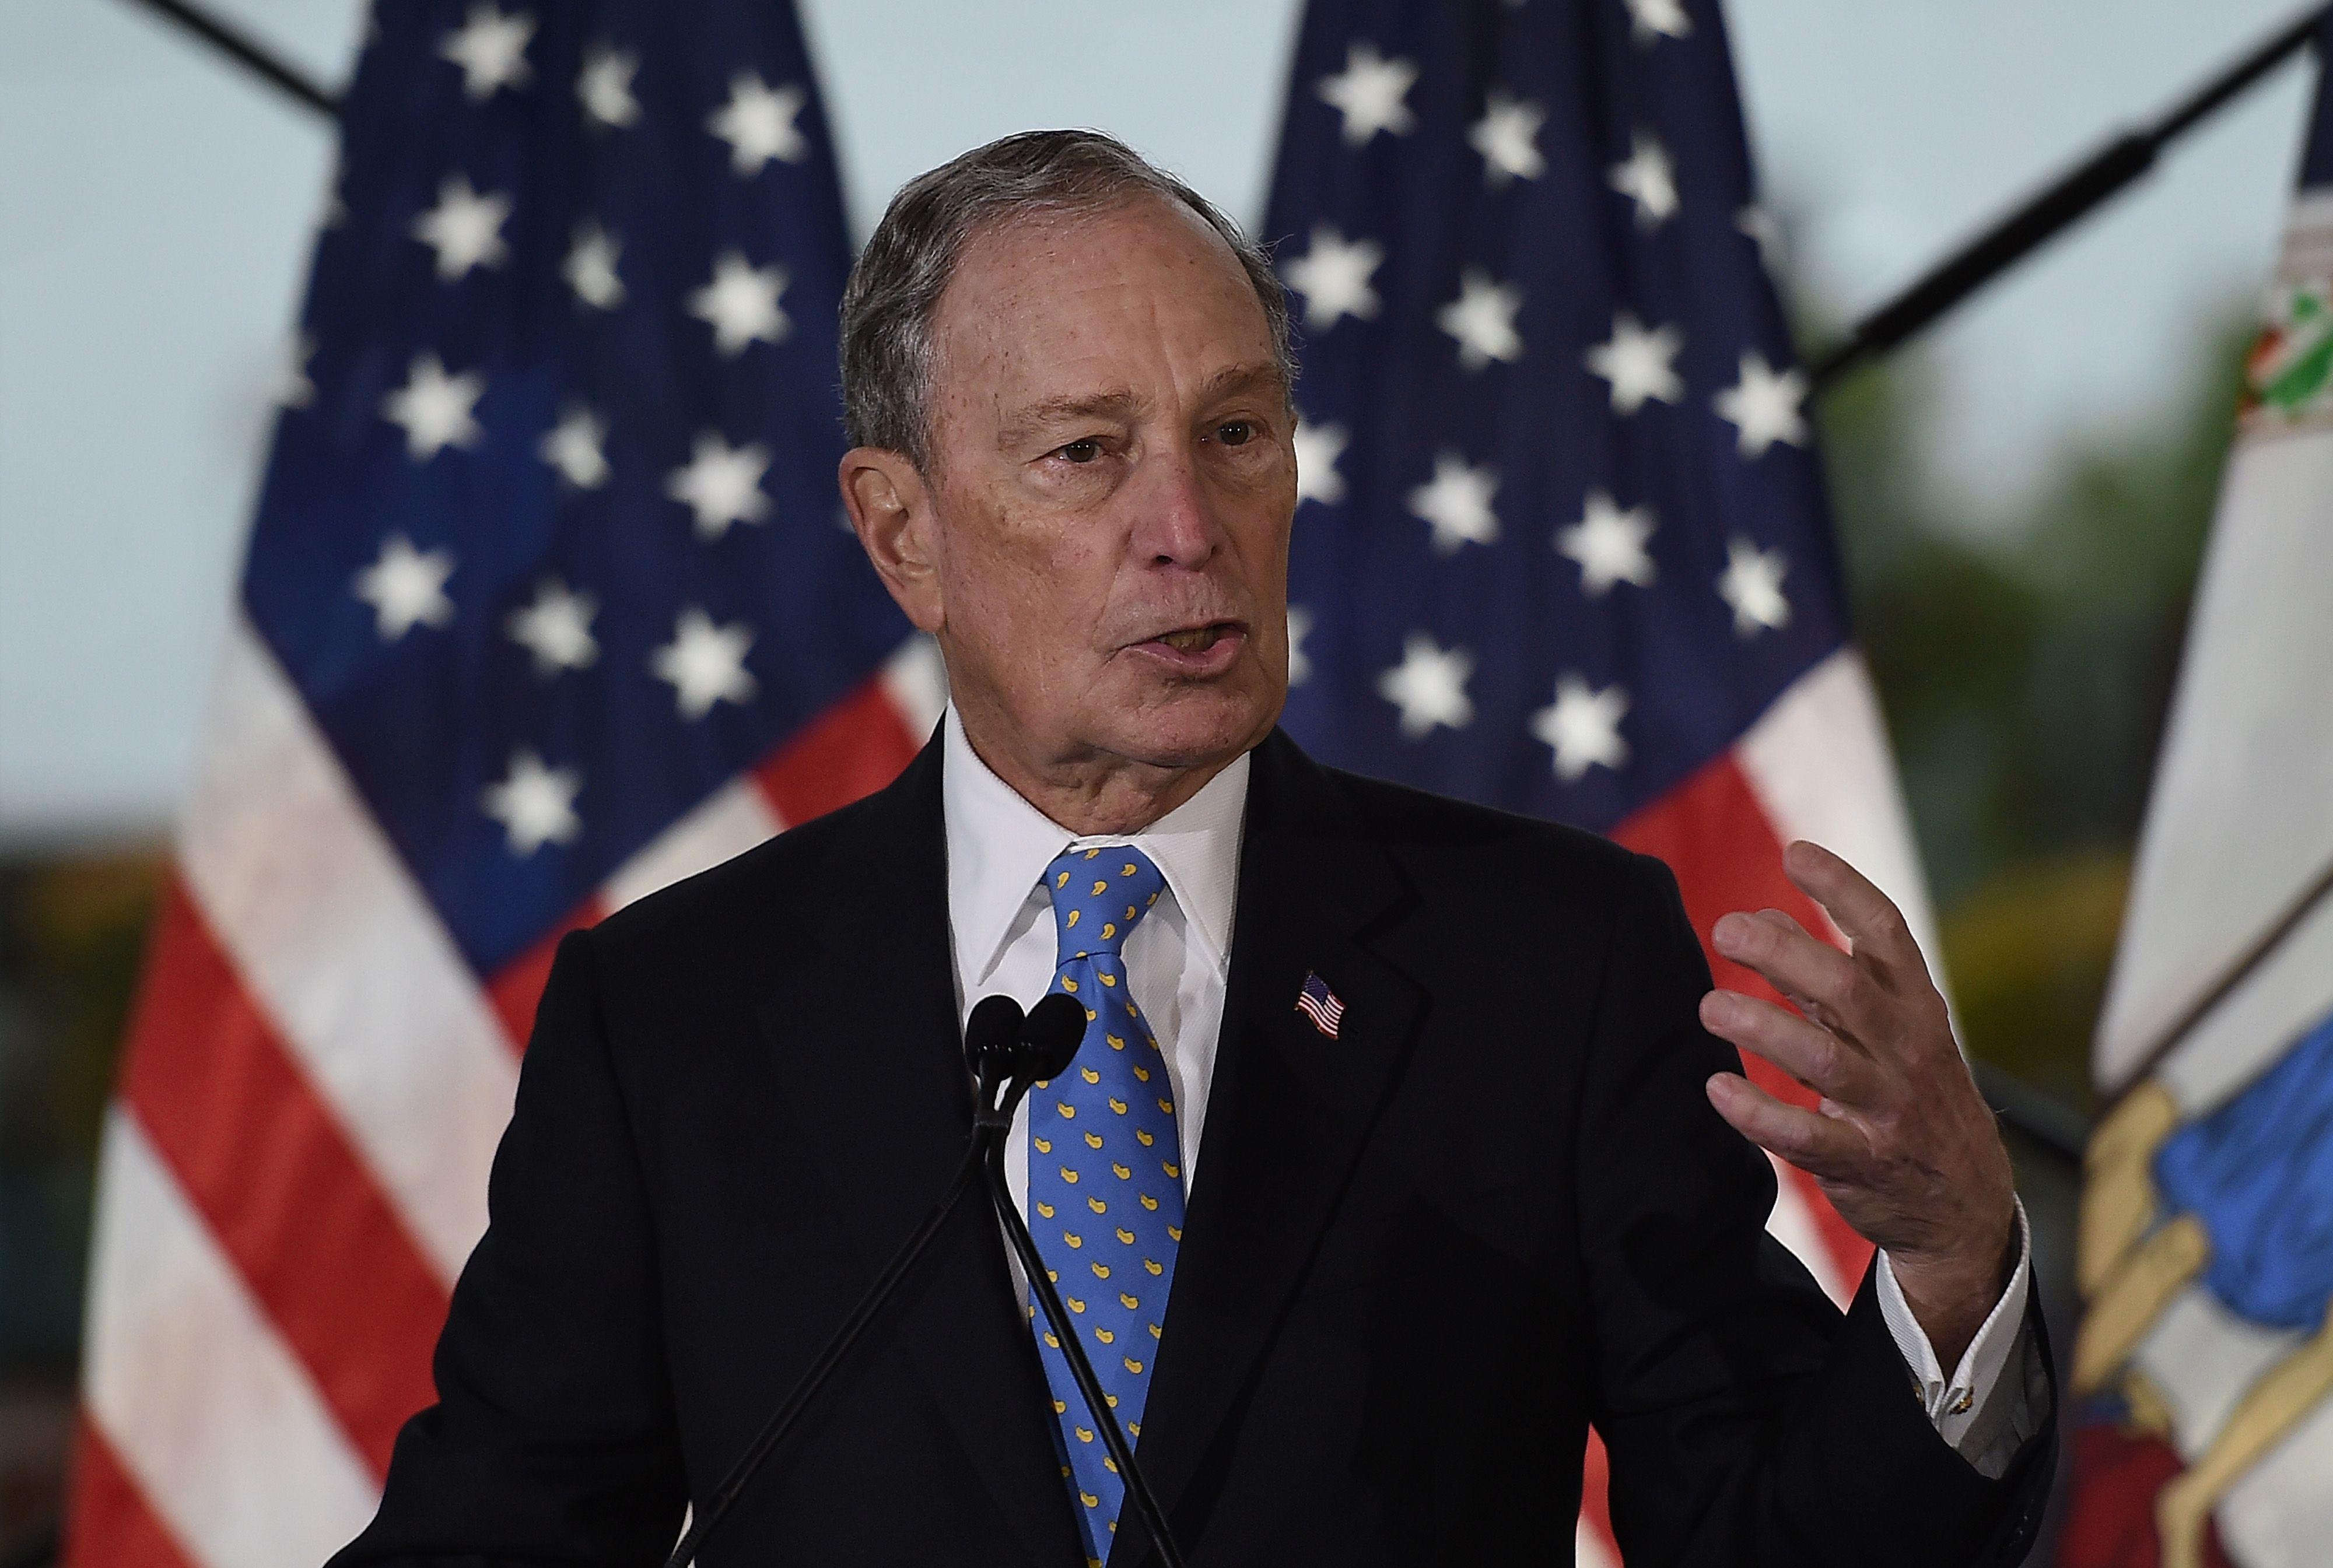 Primaires démocrates : Bloomberg se qualifie pour son 1er débat et se pose en candidat de premier plan